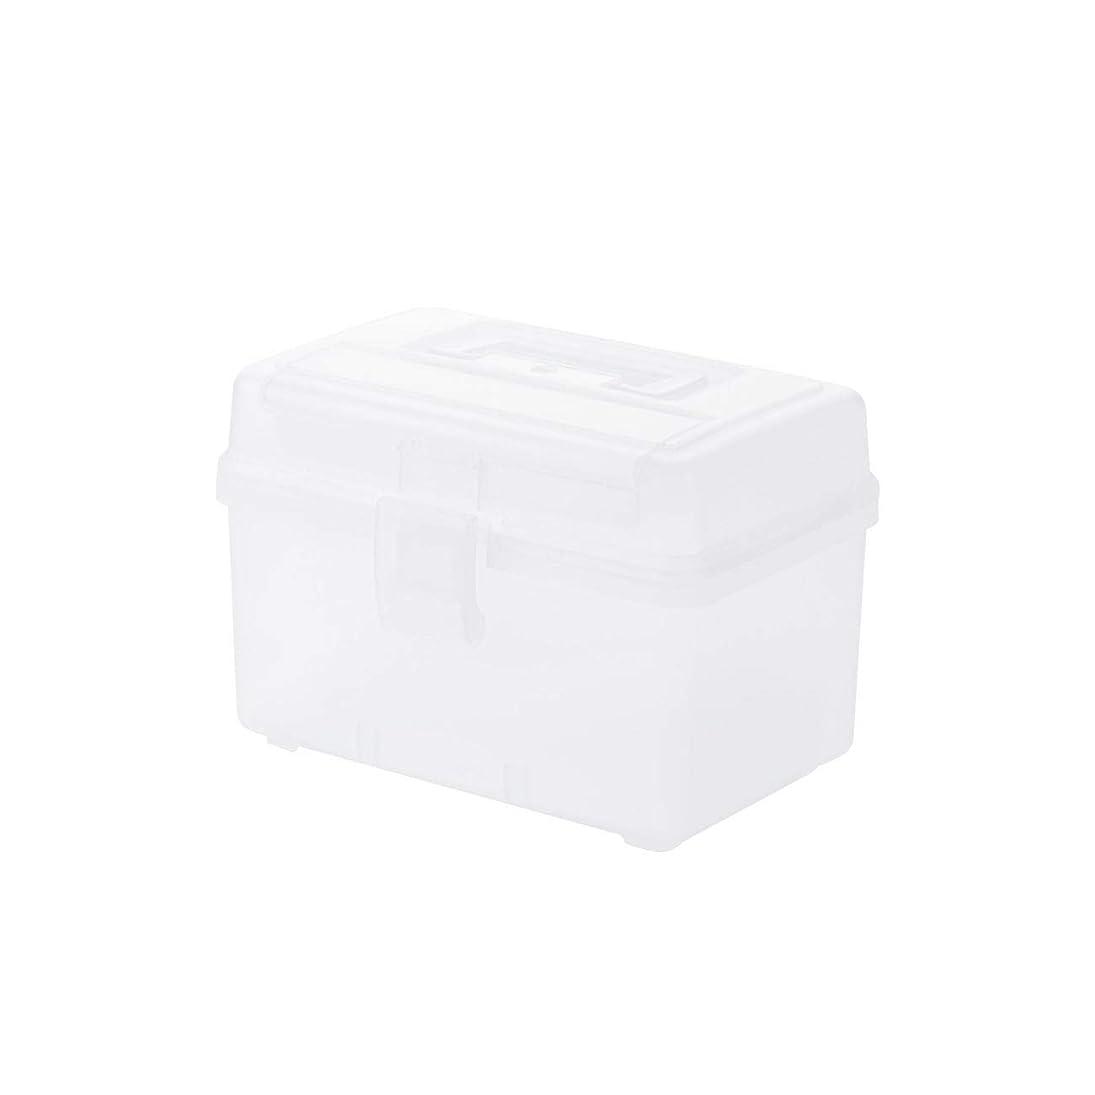 条約放射性再開薬箱 救急箱 多機能 ポータブル 収納ボックス 救急 小物入れ 道具箱 応急処置 収納 ボックス ケース 化粧箱 メイクケース 化粧品 薬品 収納ケース 小物入れ ハンドル付き,クリア